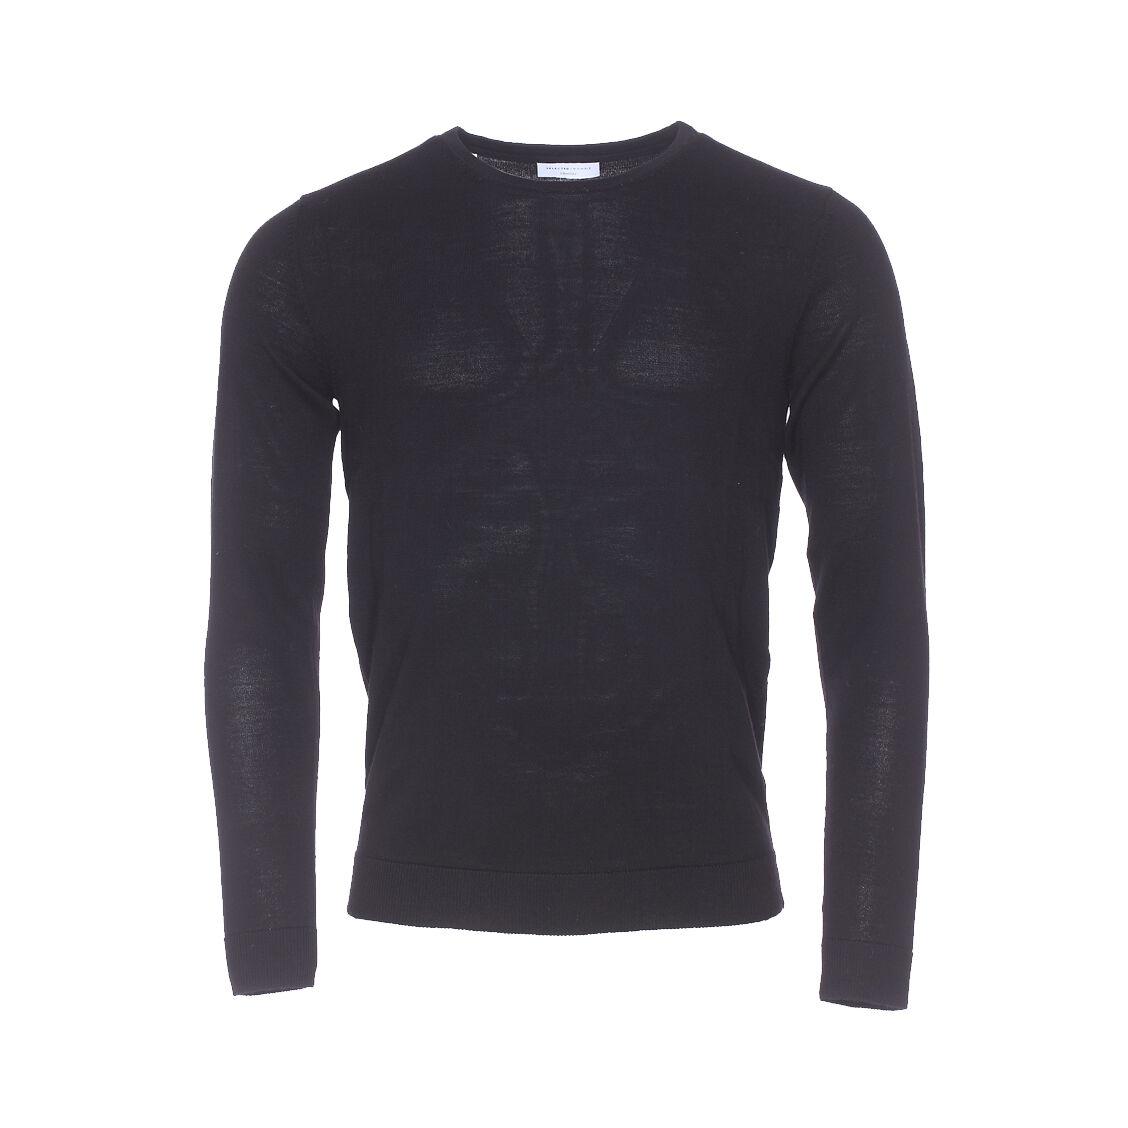 Selected Pull col rond Selected en laine Mérinos noire - NOIR - S